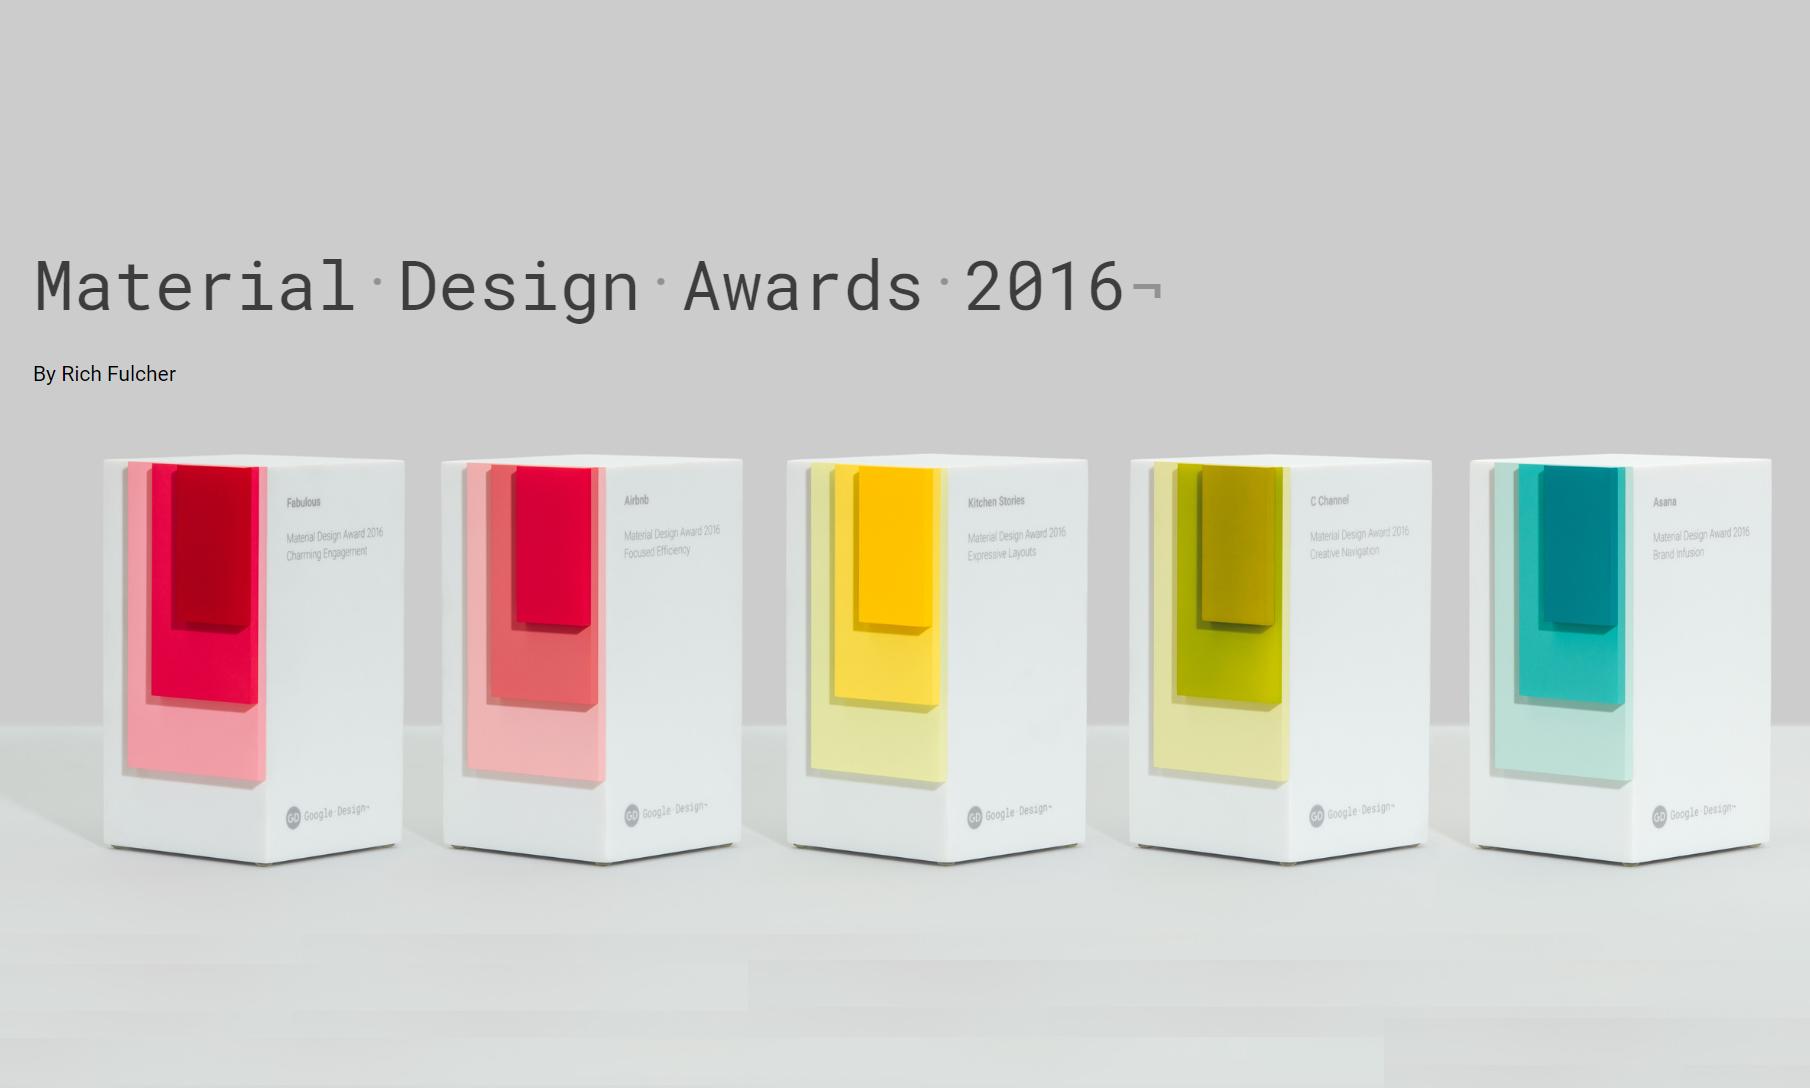 Google annuncia le 5 migliori app per Material Design